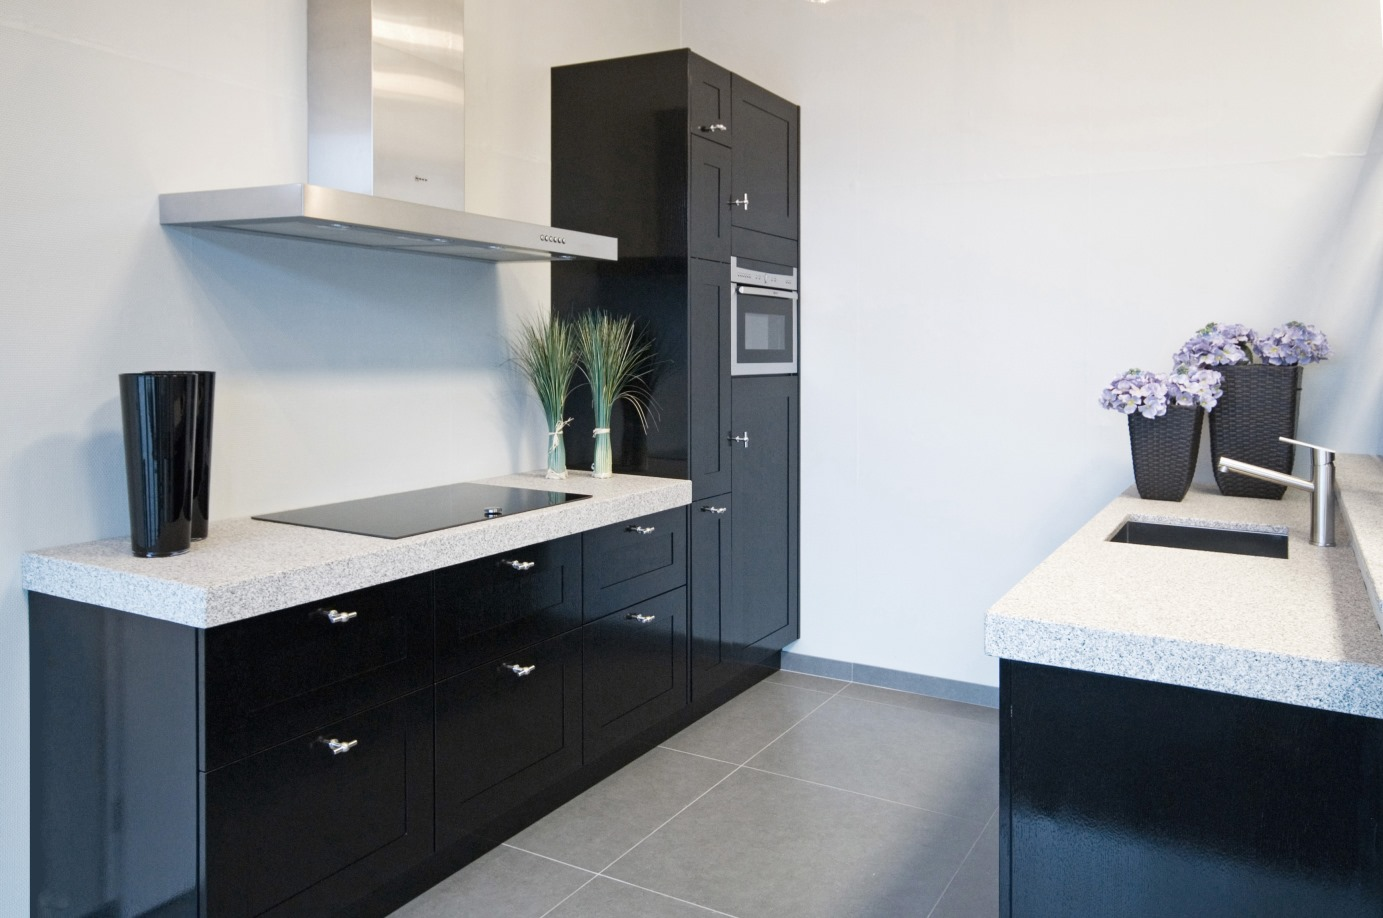 Keuken Handgrepen Zwart : Kitchen improvement renovatie piet zwart keuken